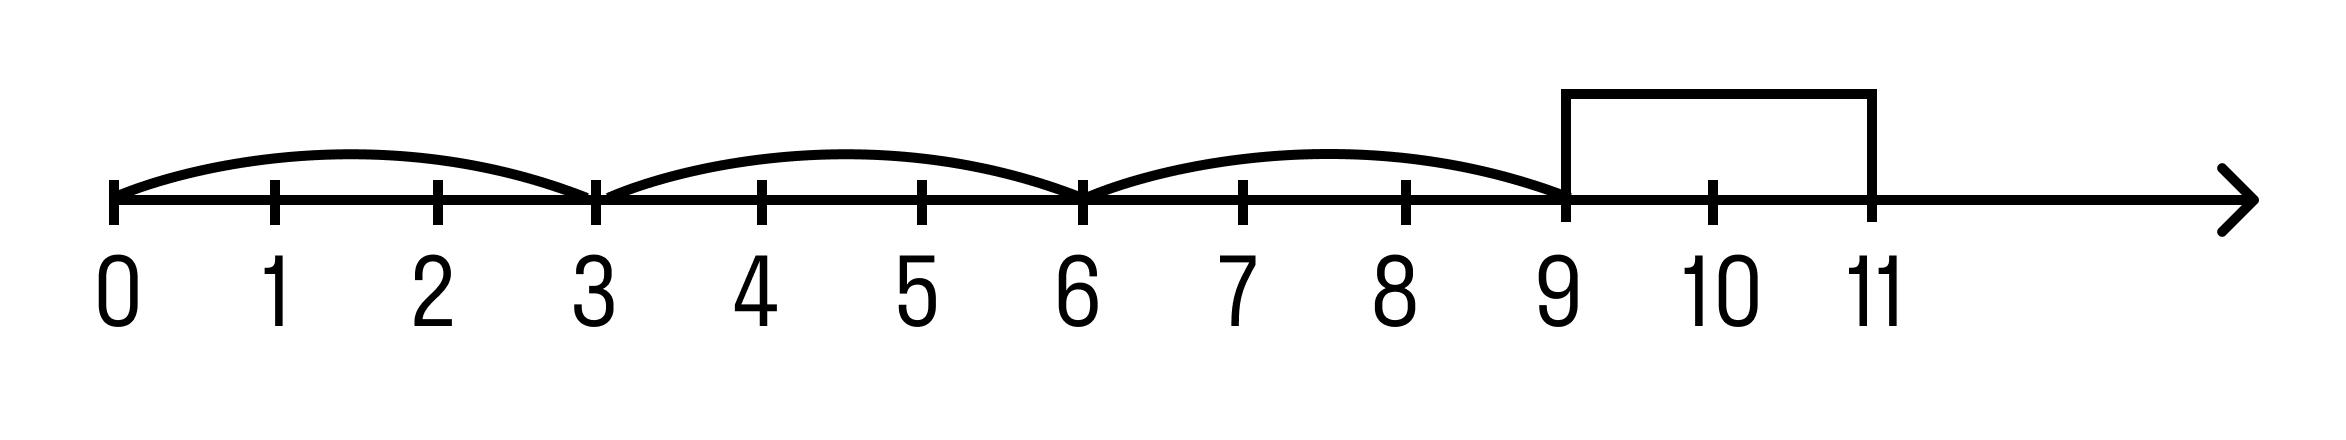 пример деления с лучем